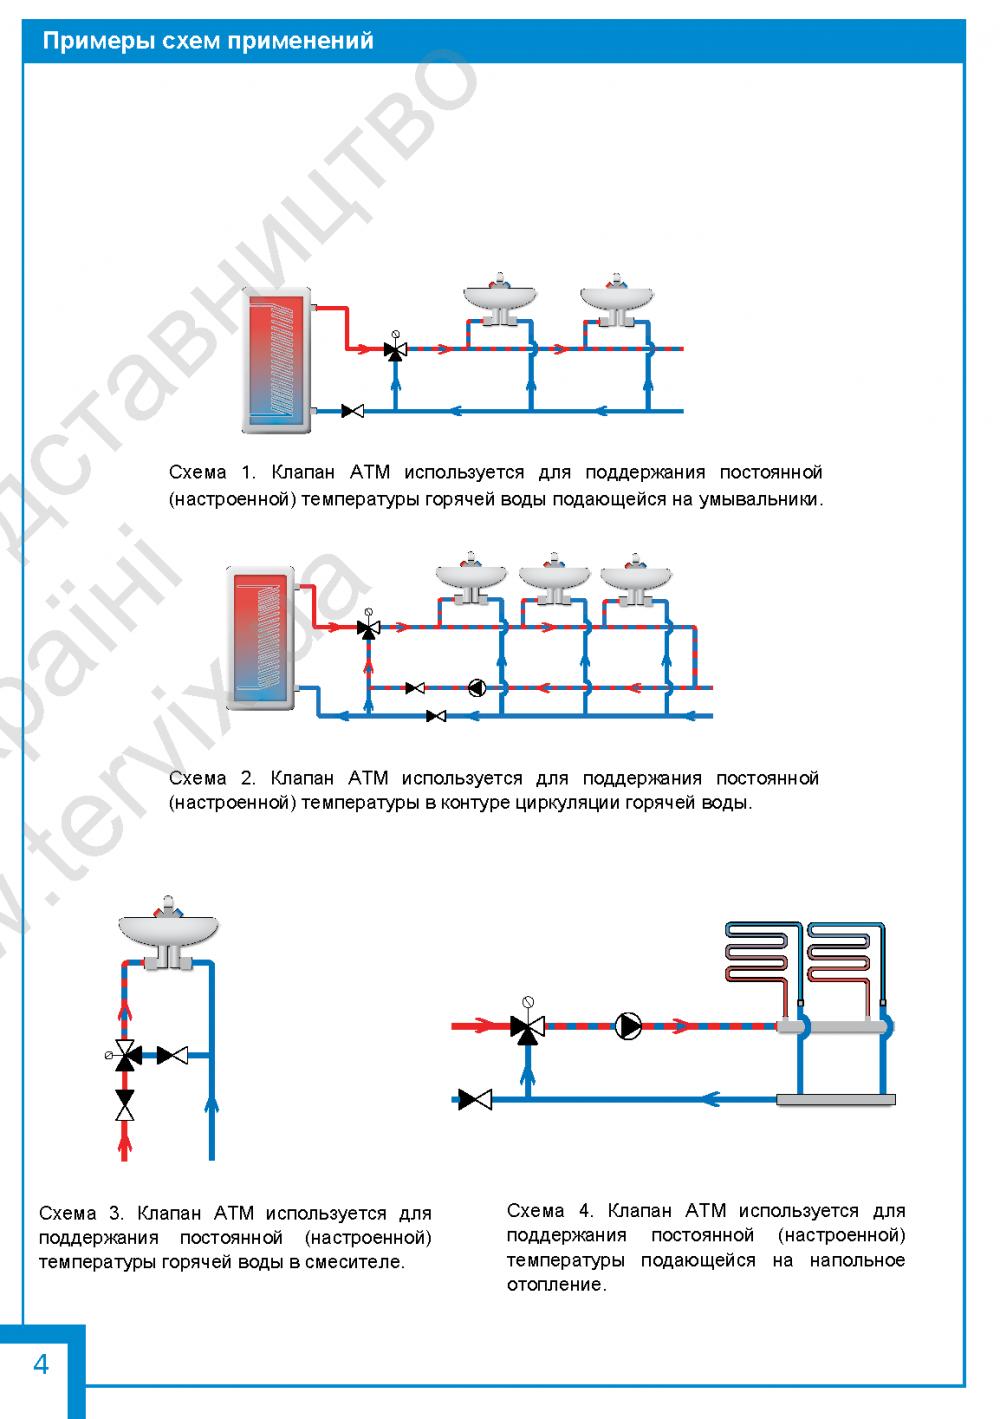 """Термостатический клапан 3/4"""" Afriso ATM341 на теплый пол T=20-43°C G 3/4"""" DN15 Kvs 1,6 1234110 - 4"""